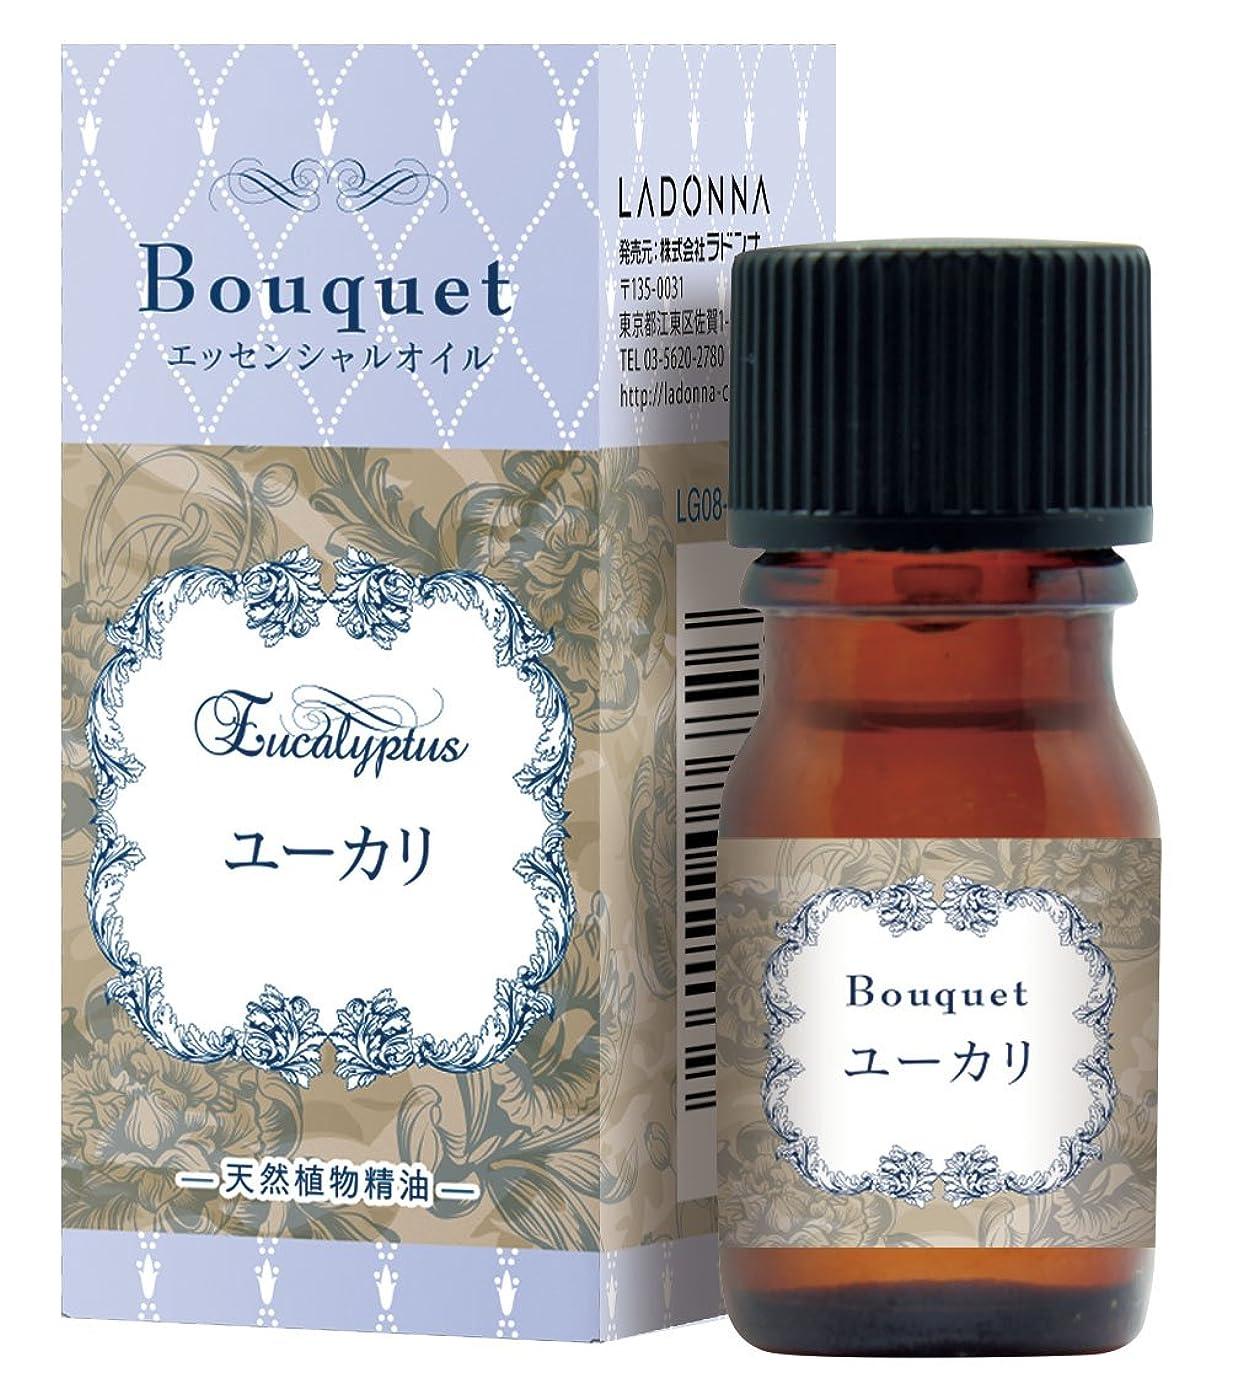 トレード航空機もっとラドンナ エッセンシャルオイル -天然植物精油- Bouquet(ブーケ) LG08-EO ユーカリ